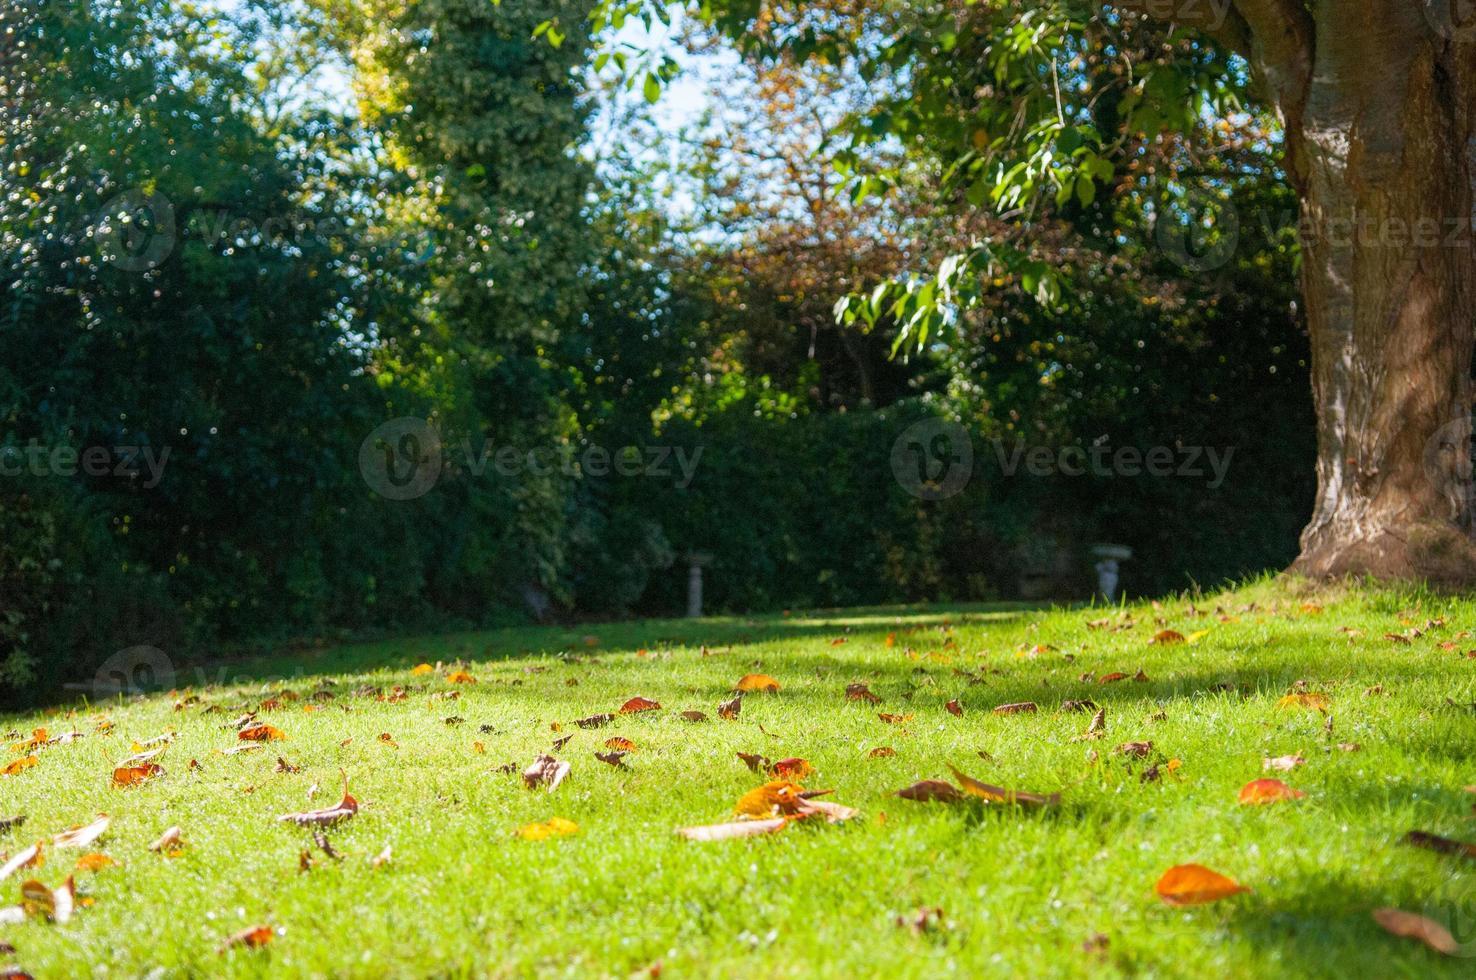 höst trädgård scen foto